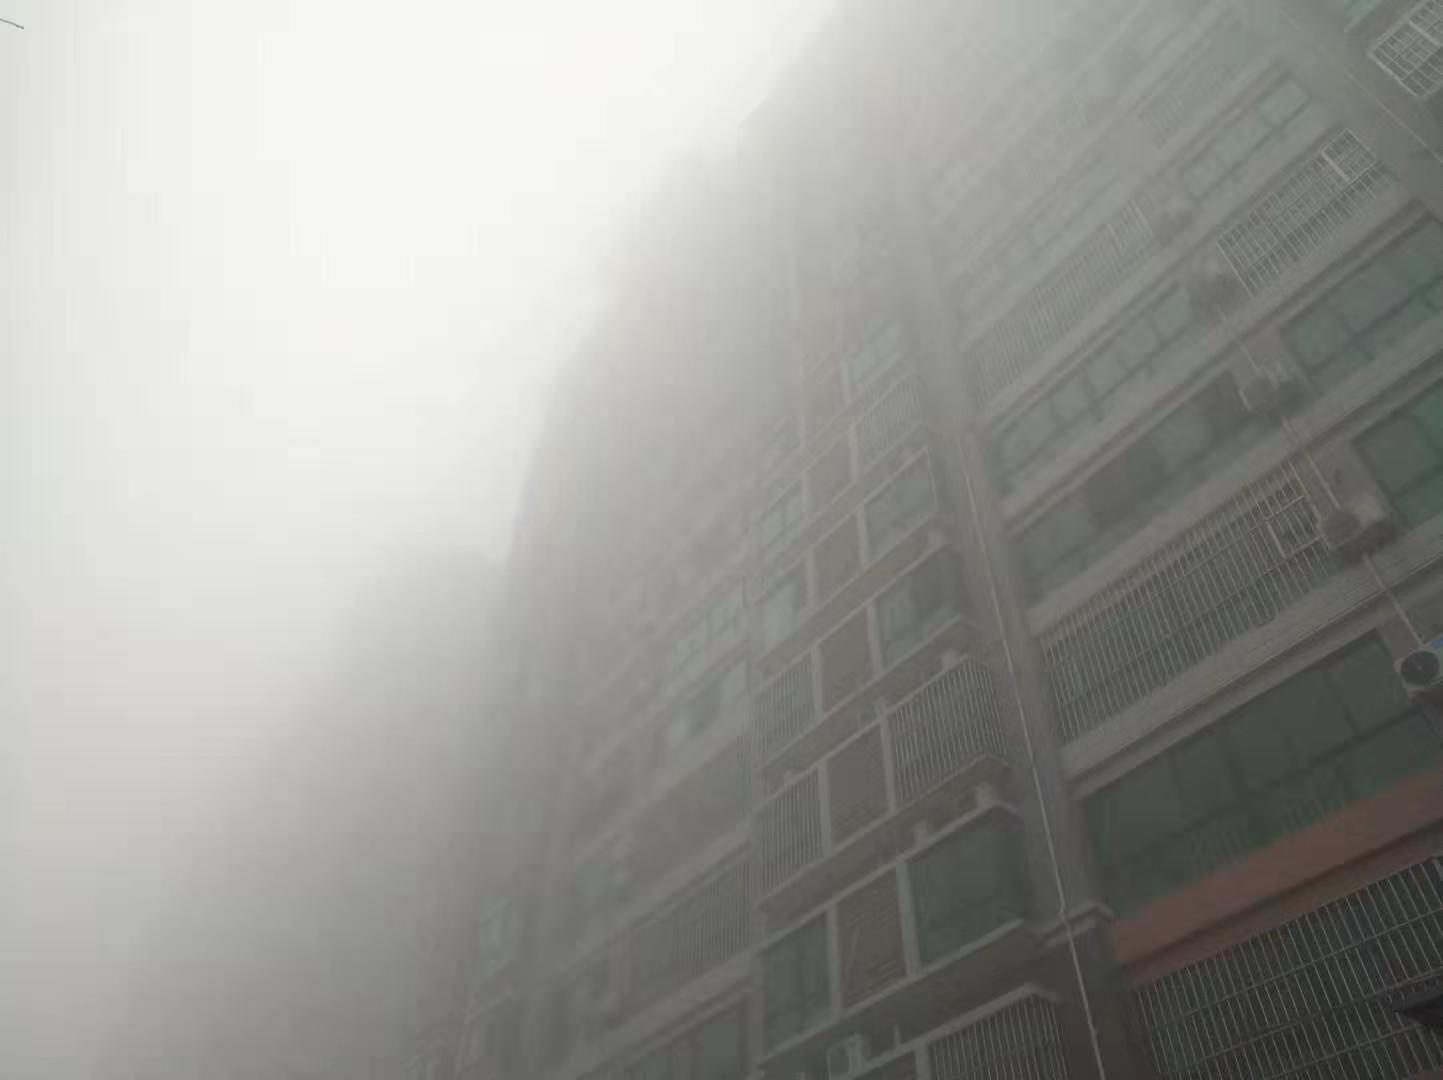 海丽气象吧|预警升级!山东发布大雾红色预警 5个市出现特强浓雾